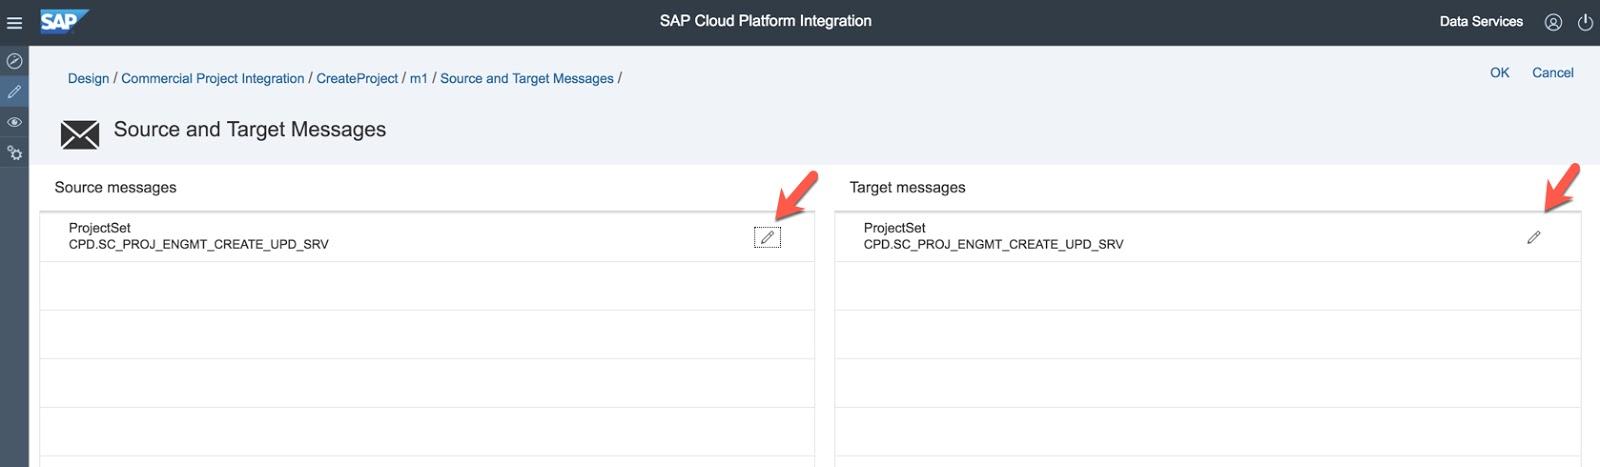 Sap Hana Cloud Platform Integration Services Best Cloud 2018